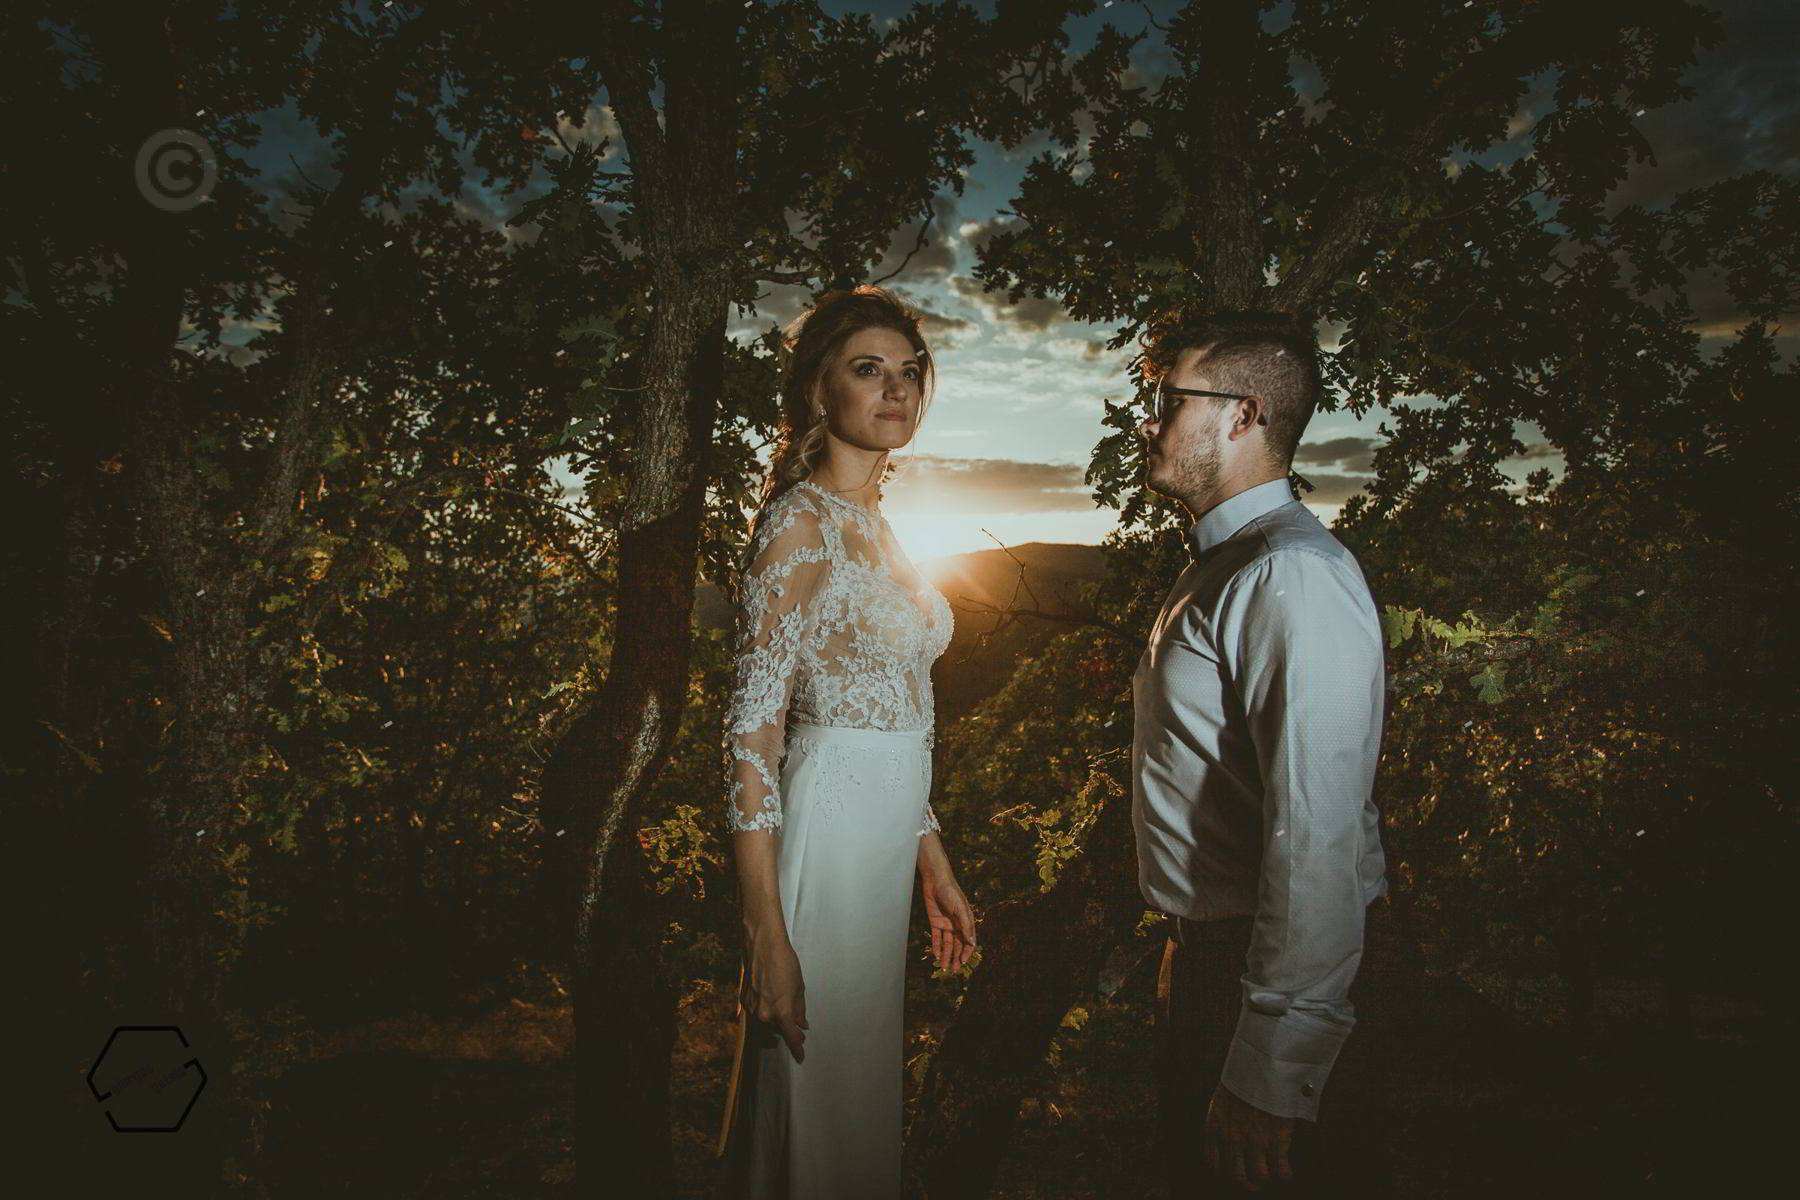 φωτογράφιση επόμενης μέρας γάμου